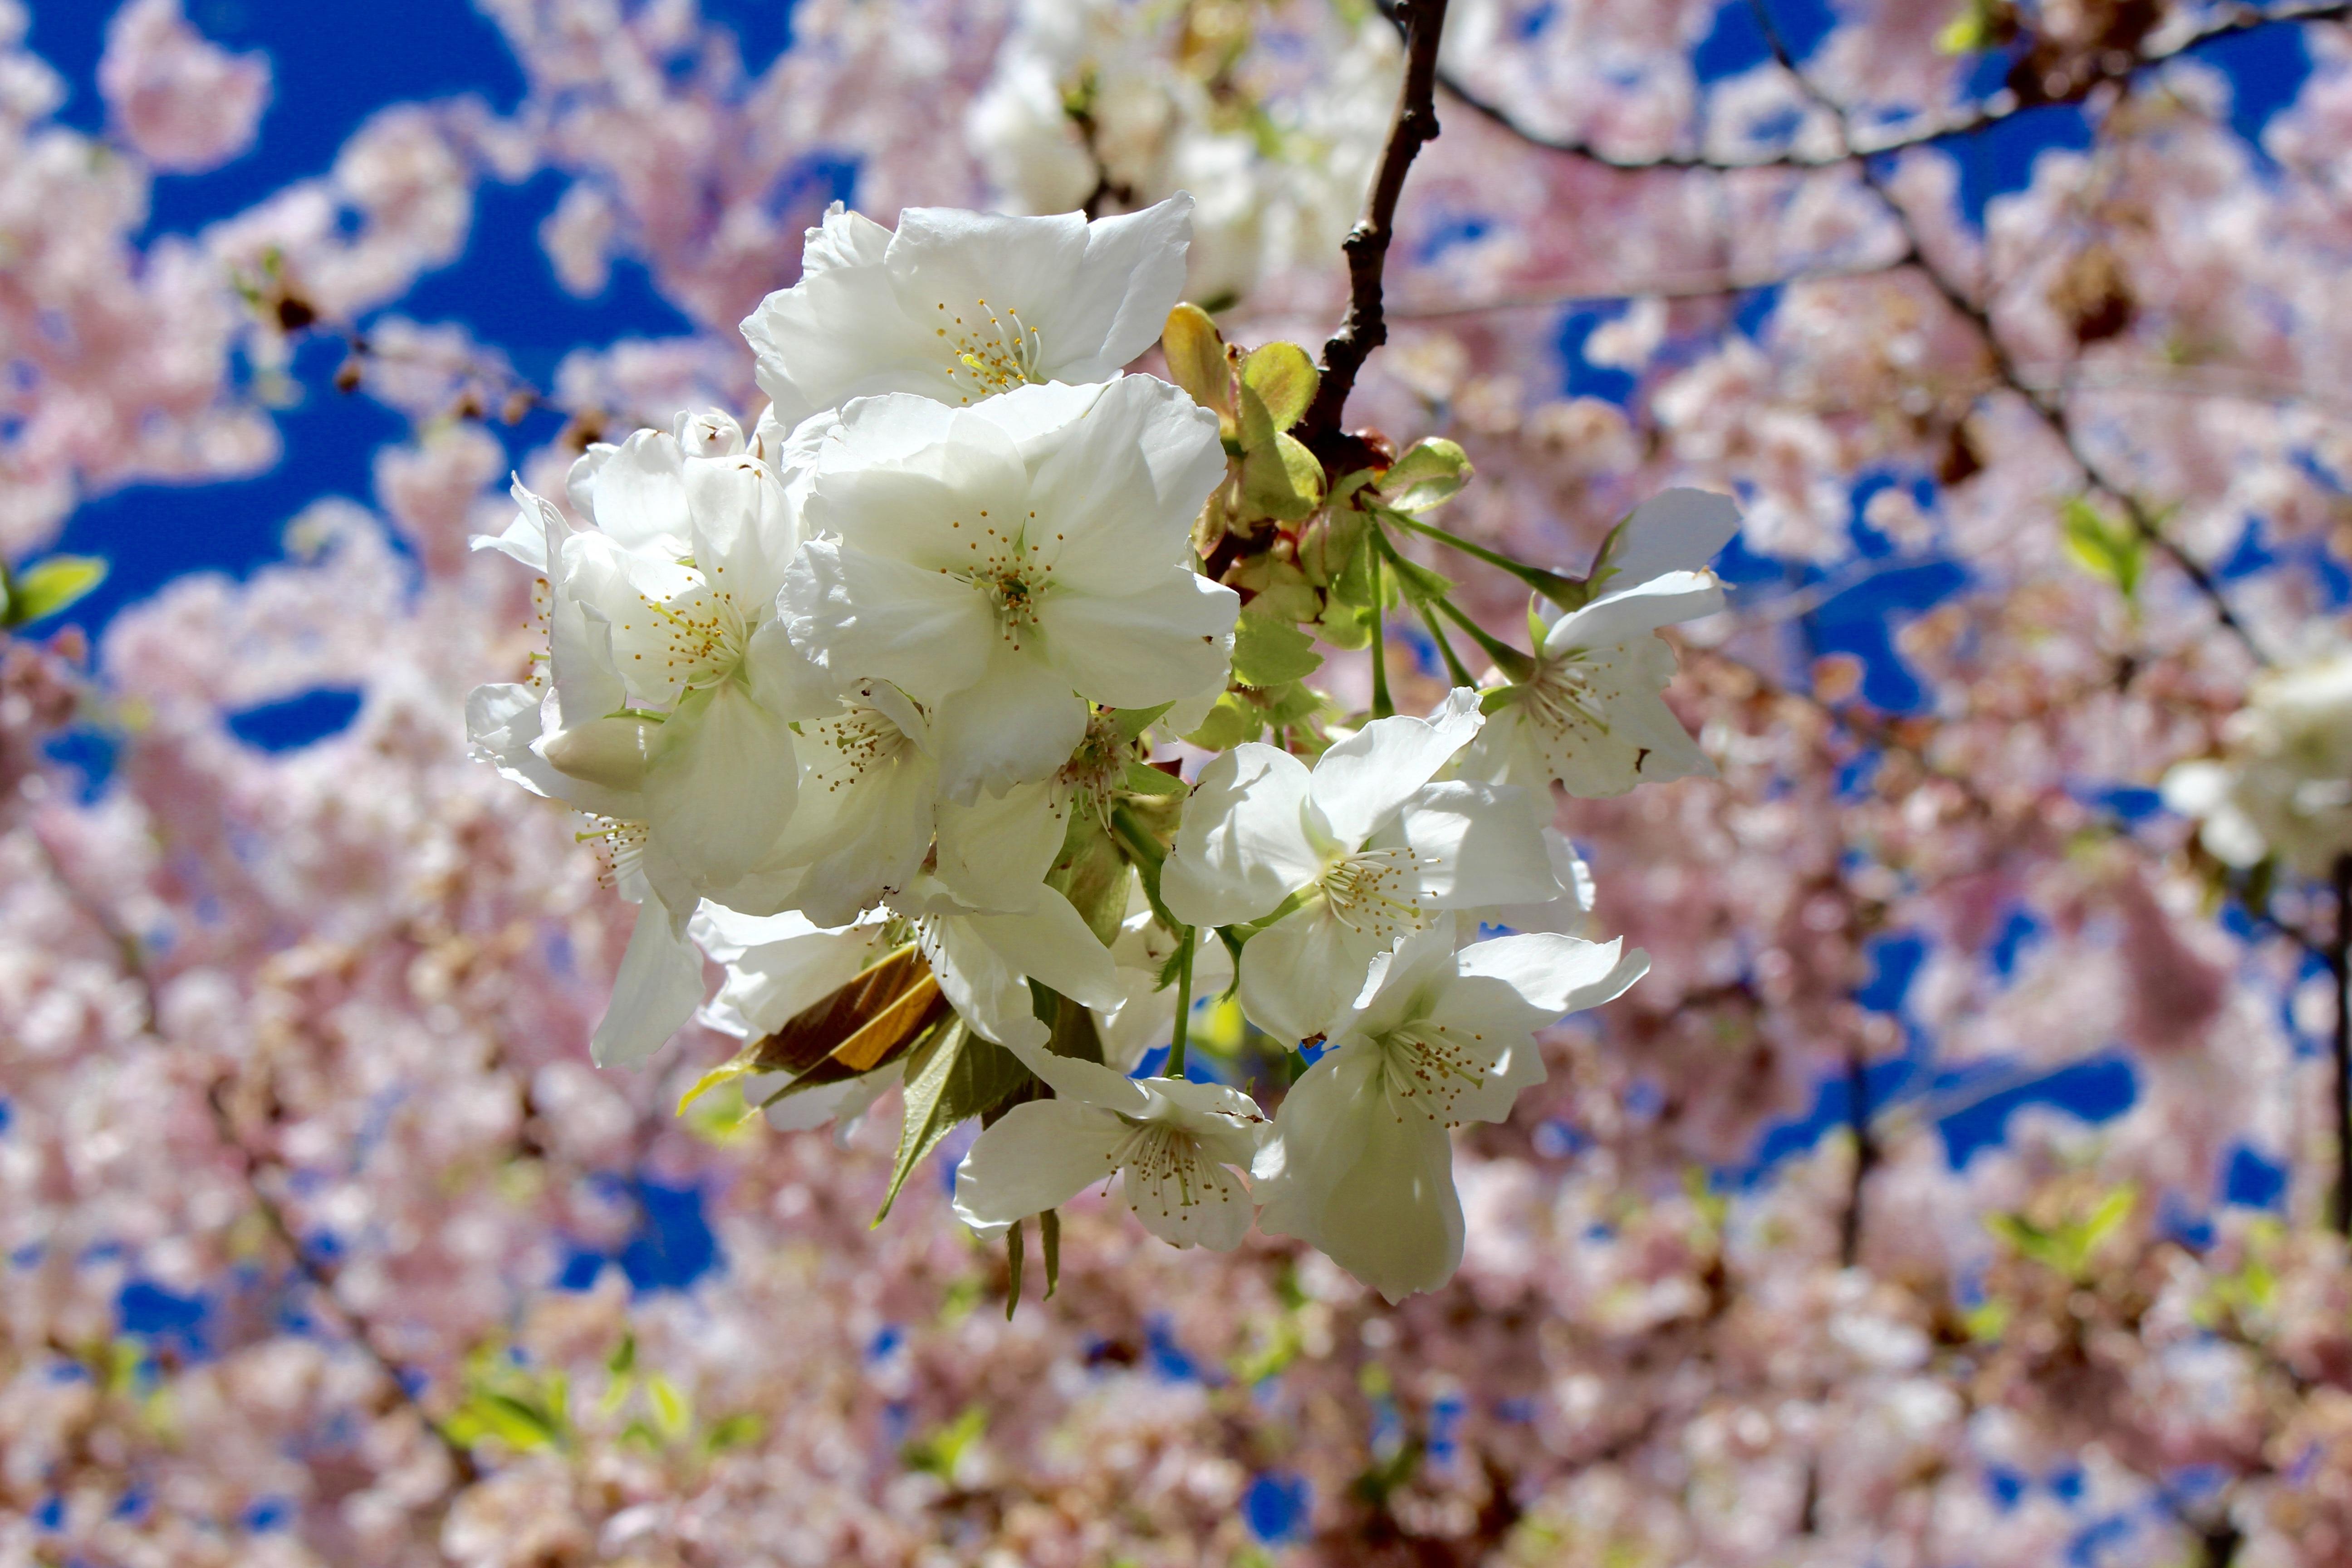 Gambar Pohon Cabang Mekar Menanam Langit Daun Bunga Musim